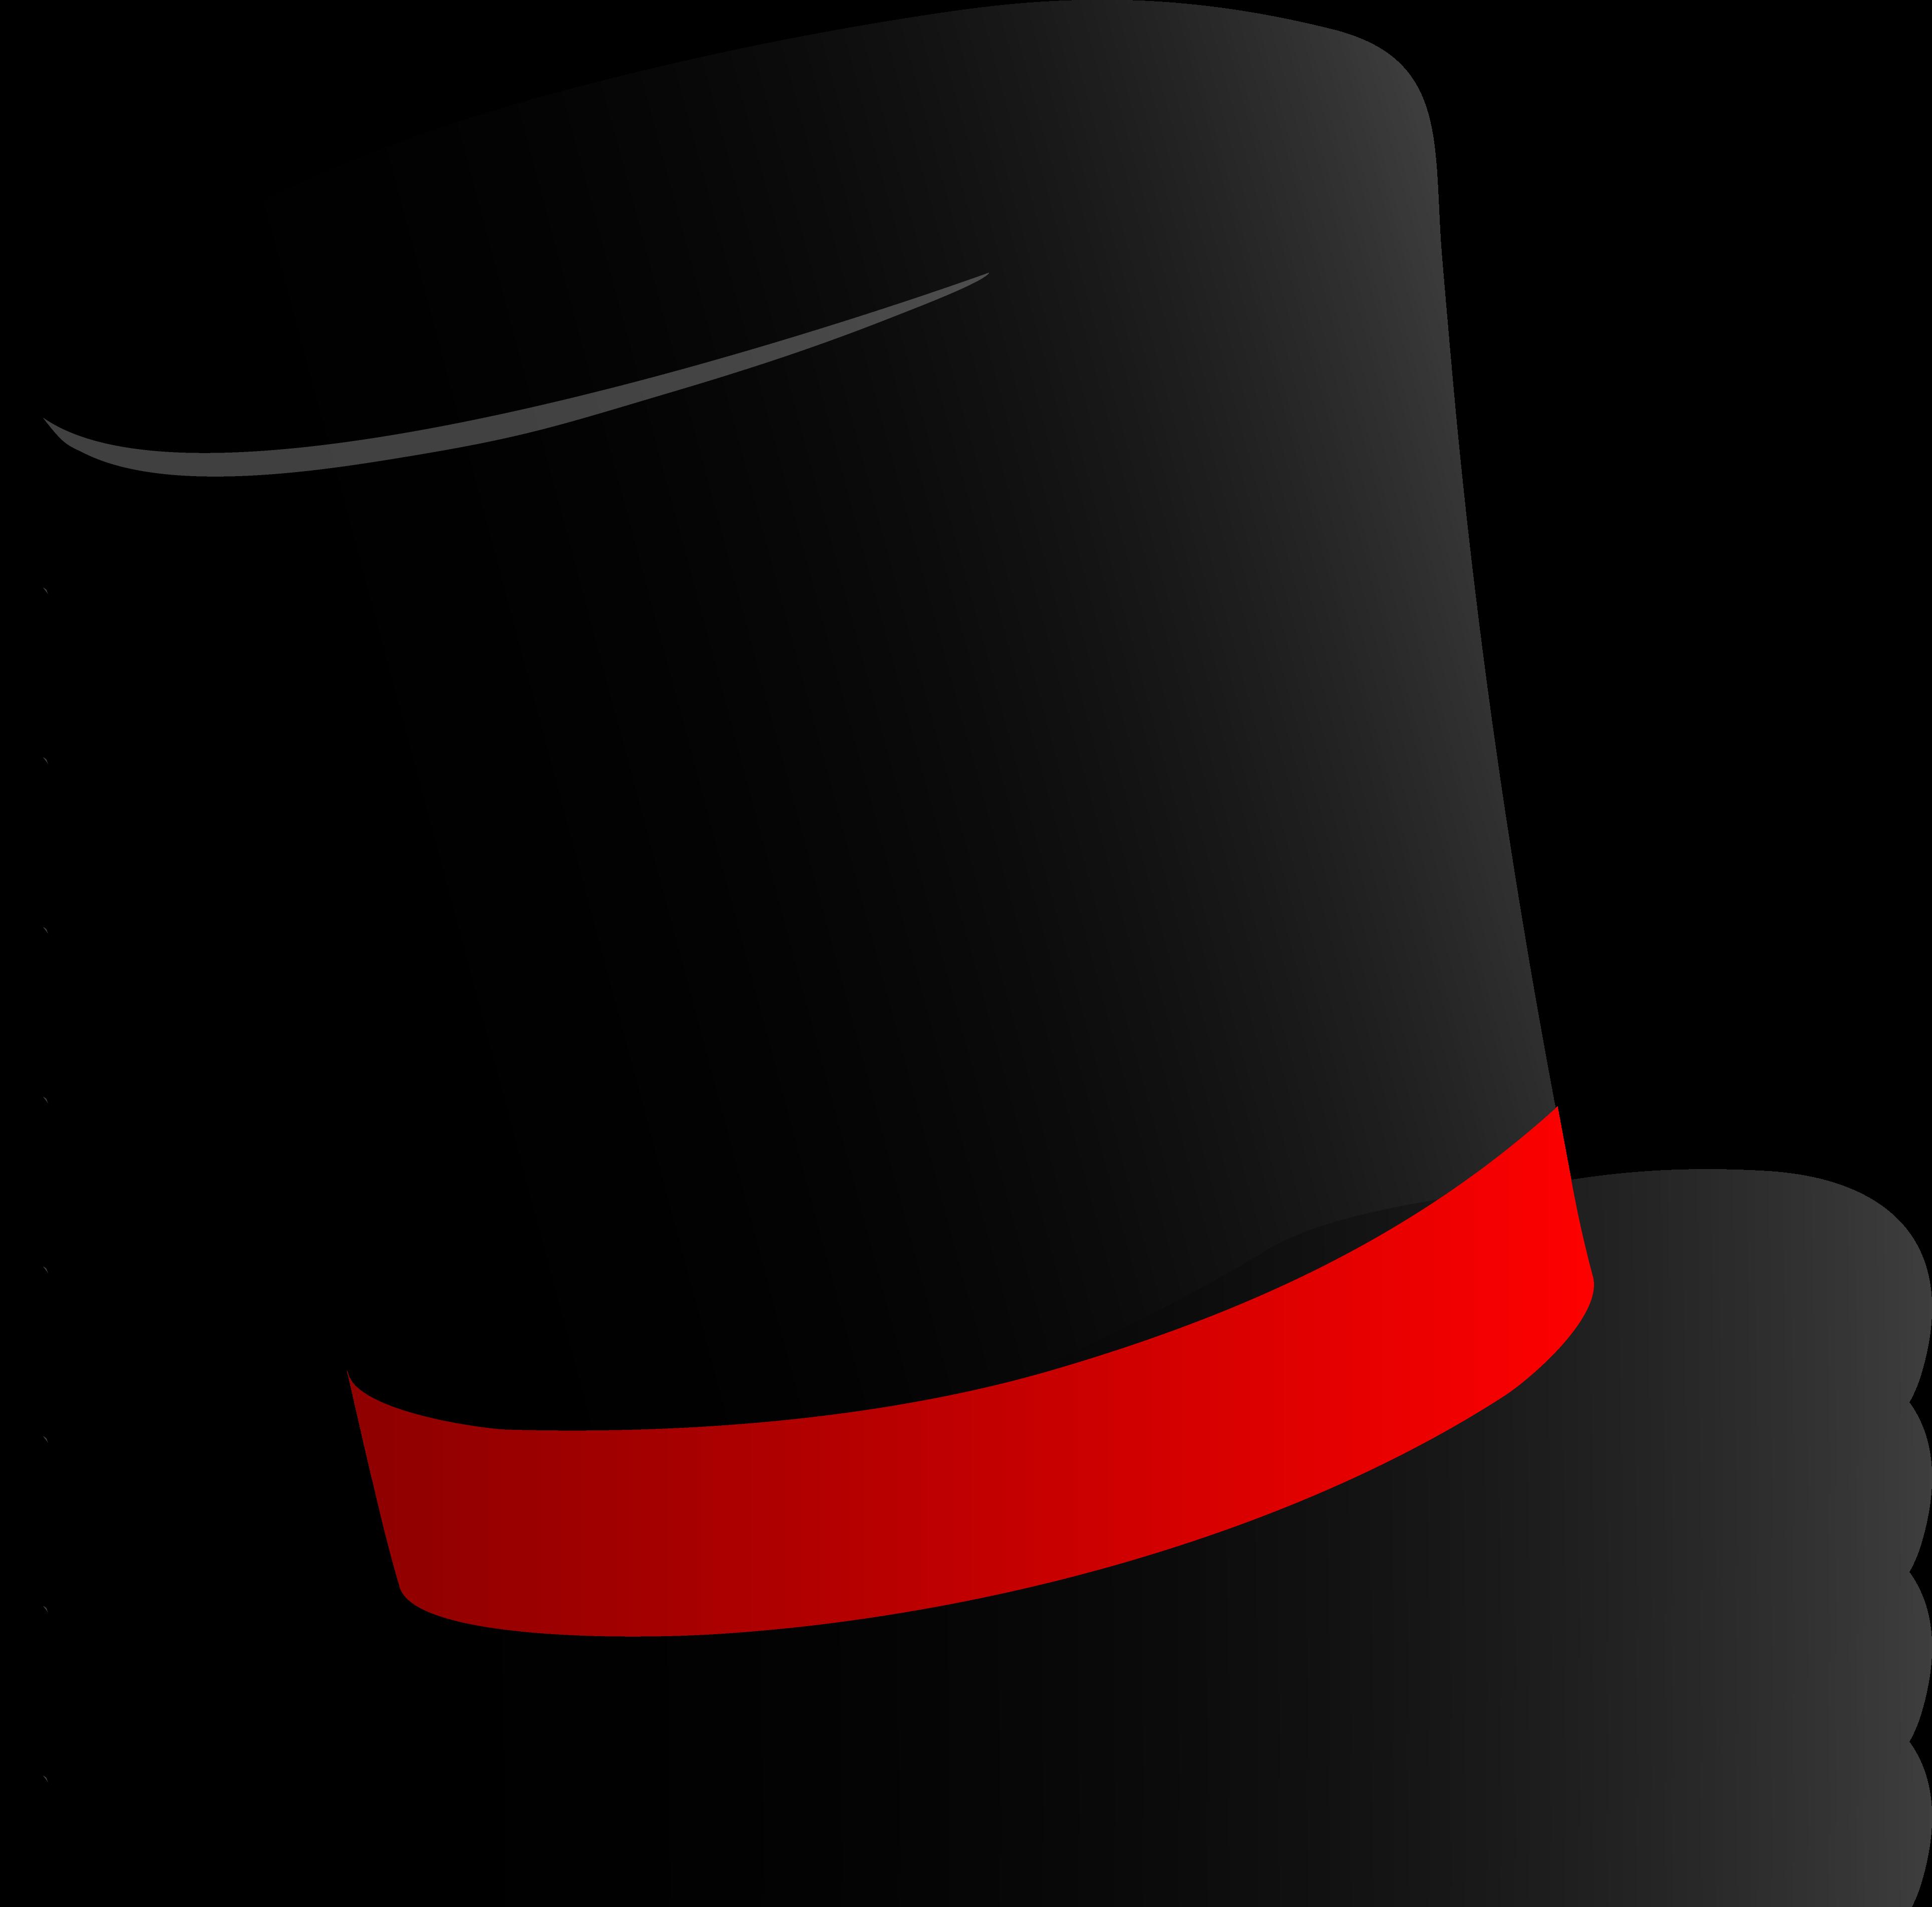 gentleman clipart